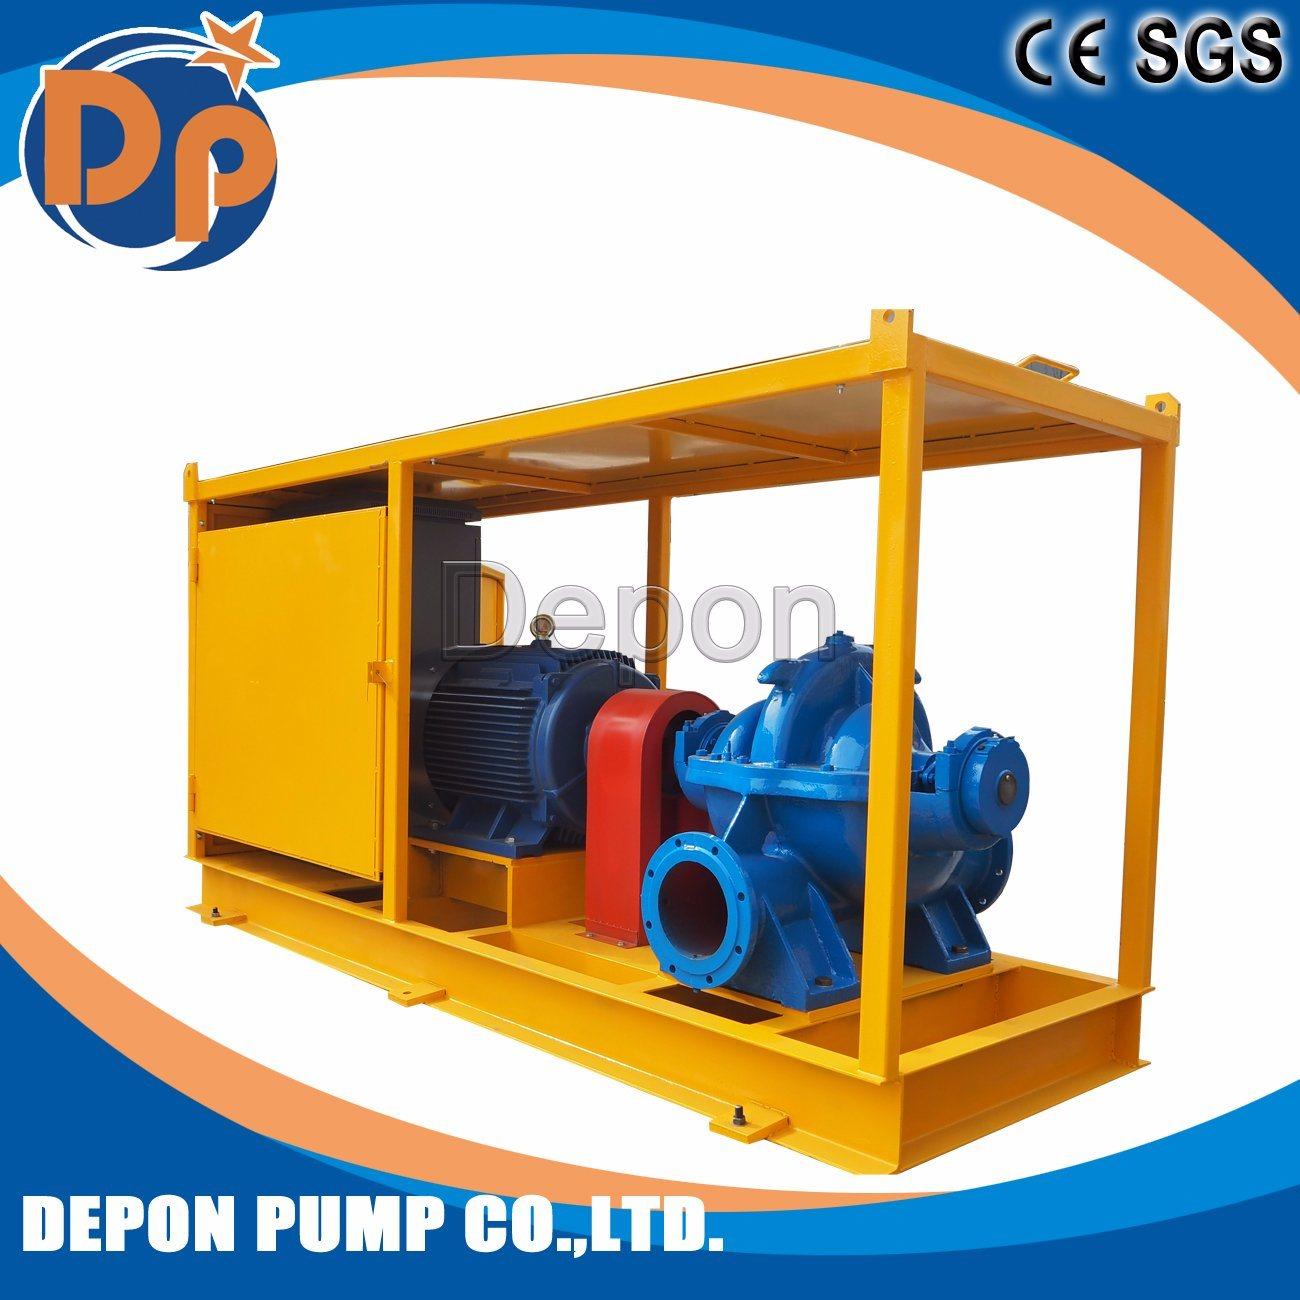 S Series Double Suction Split Case Water Pump